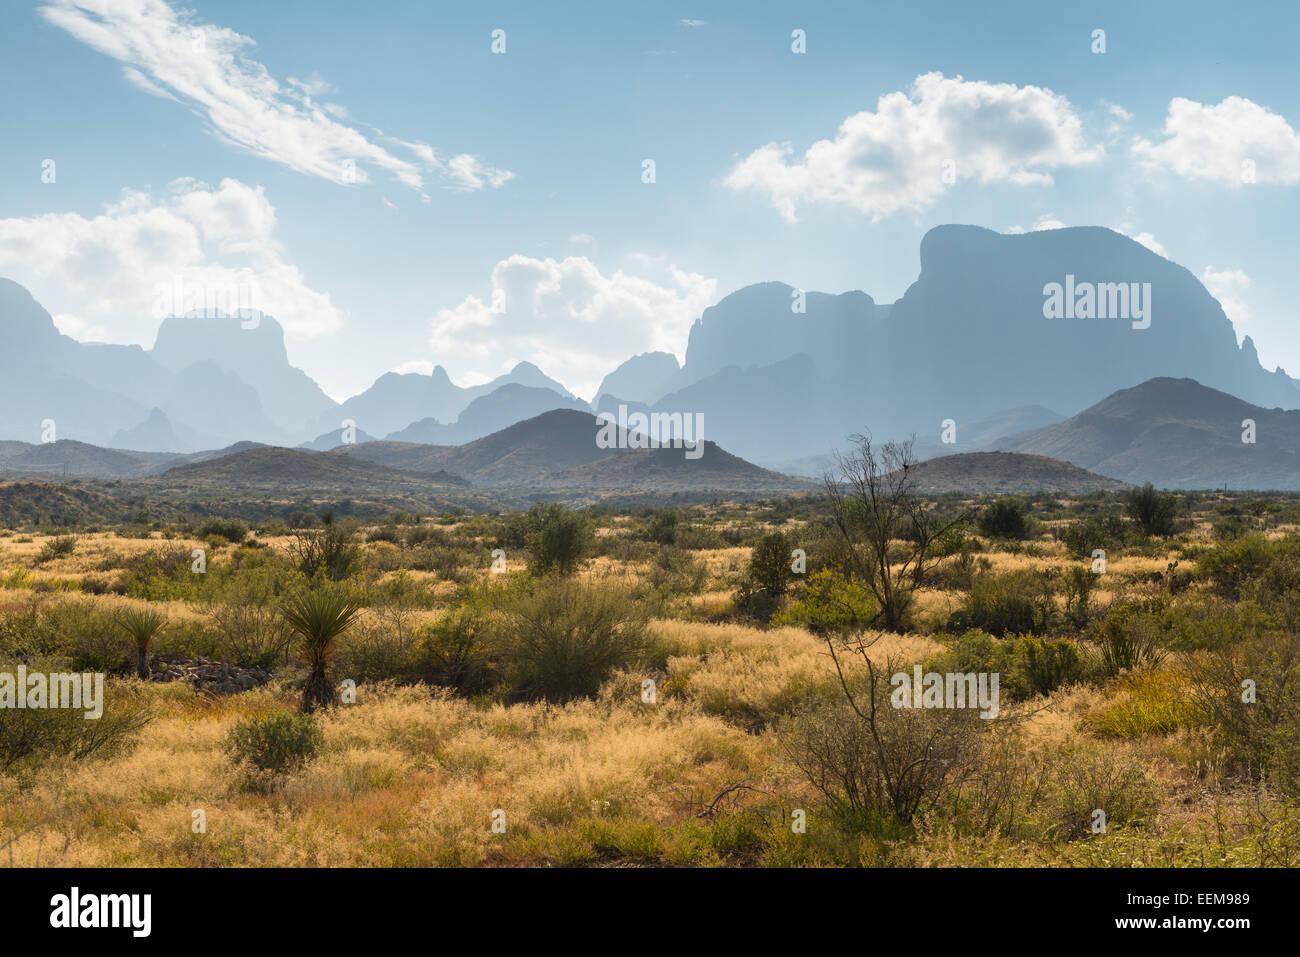 USA, Texas, Big Bend National Park, Desert landscape - Stock Image